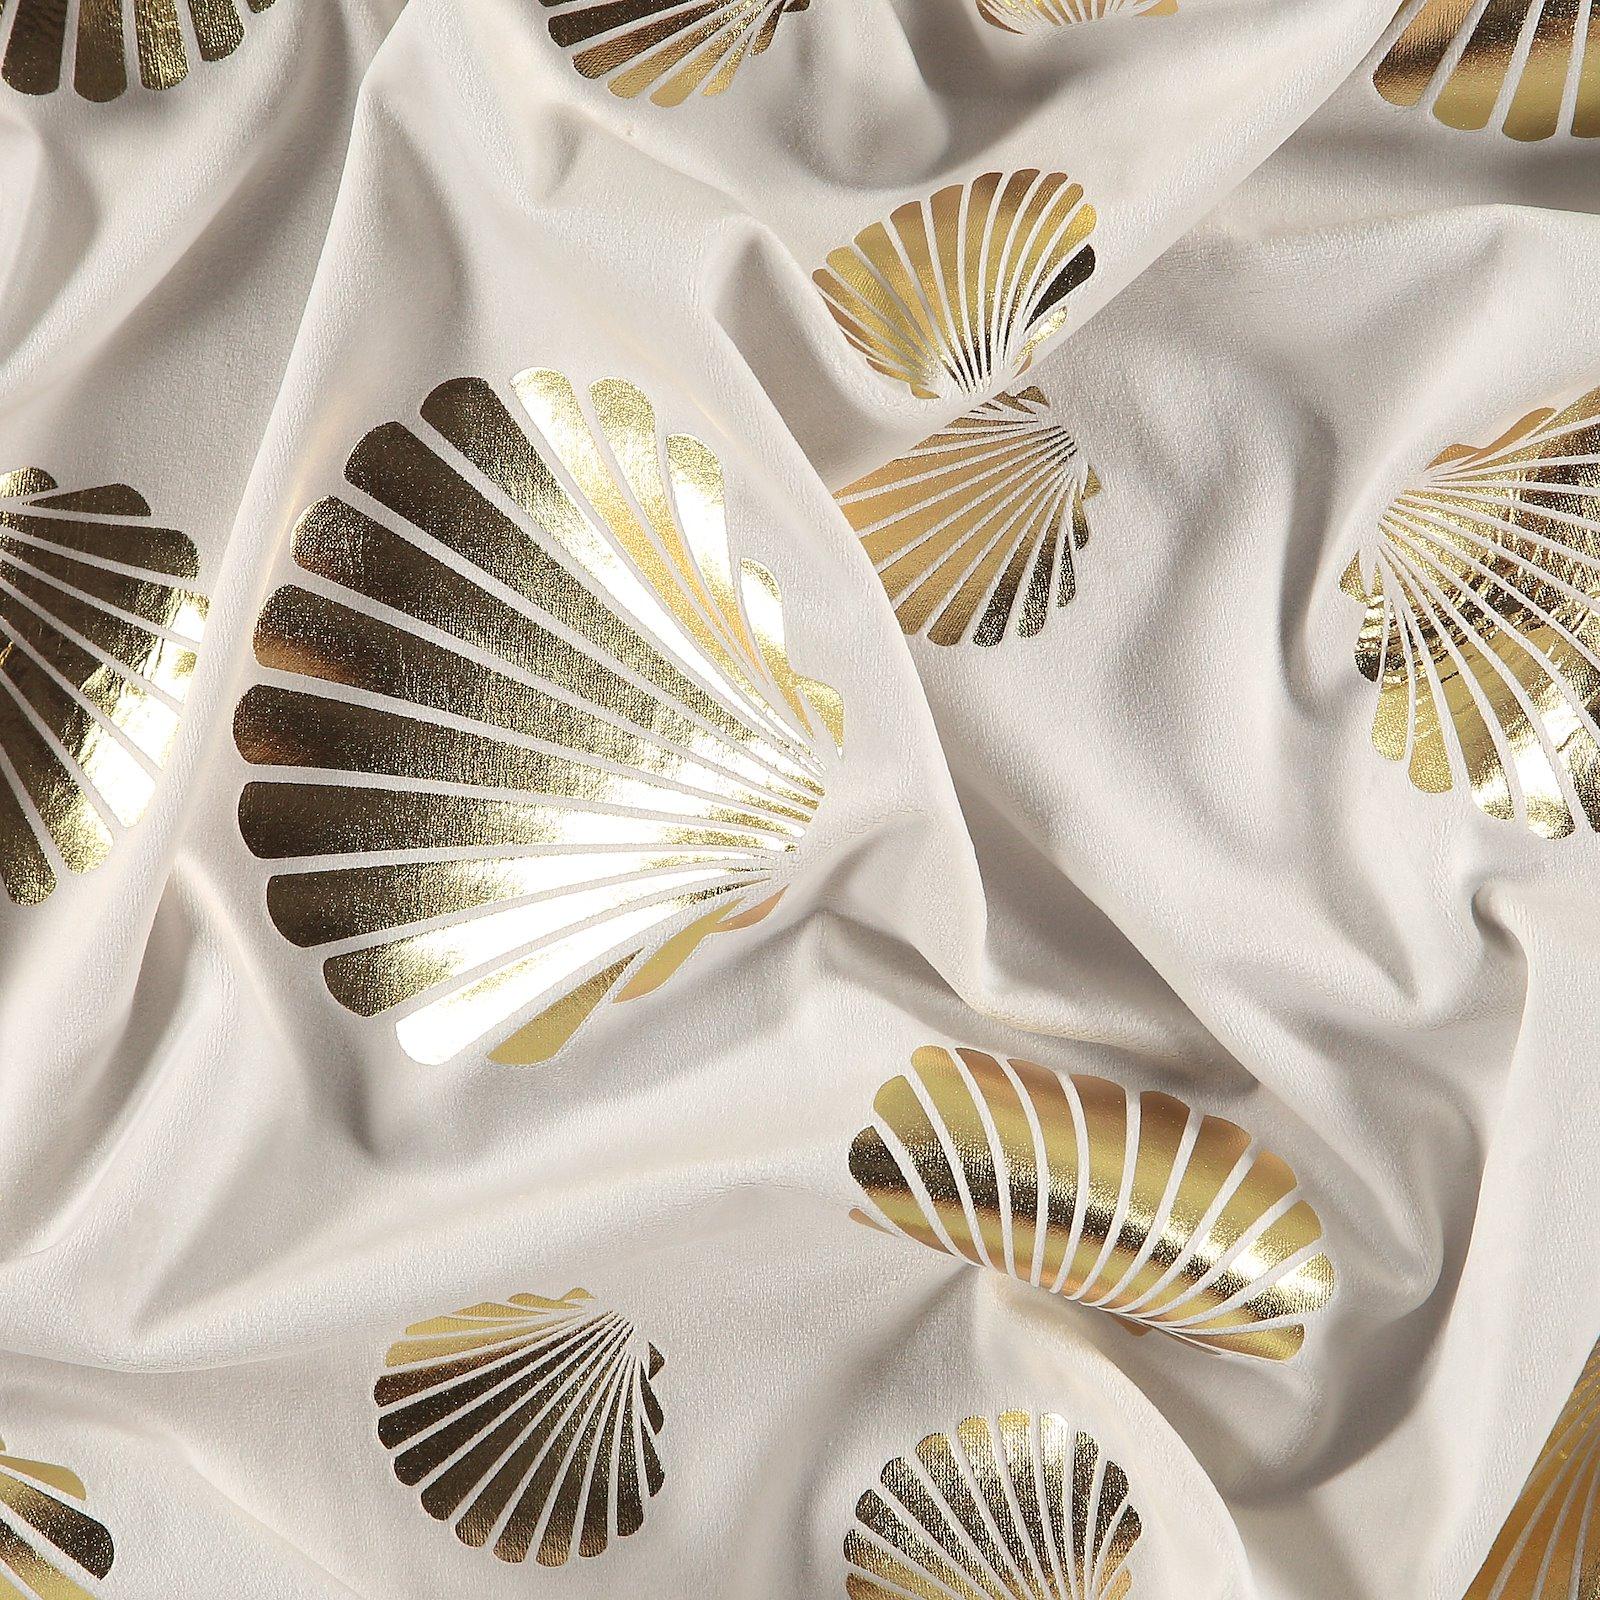 Velvet putty w gold foil 250721_pack